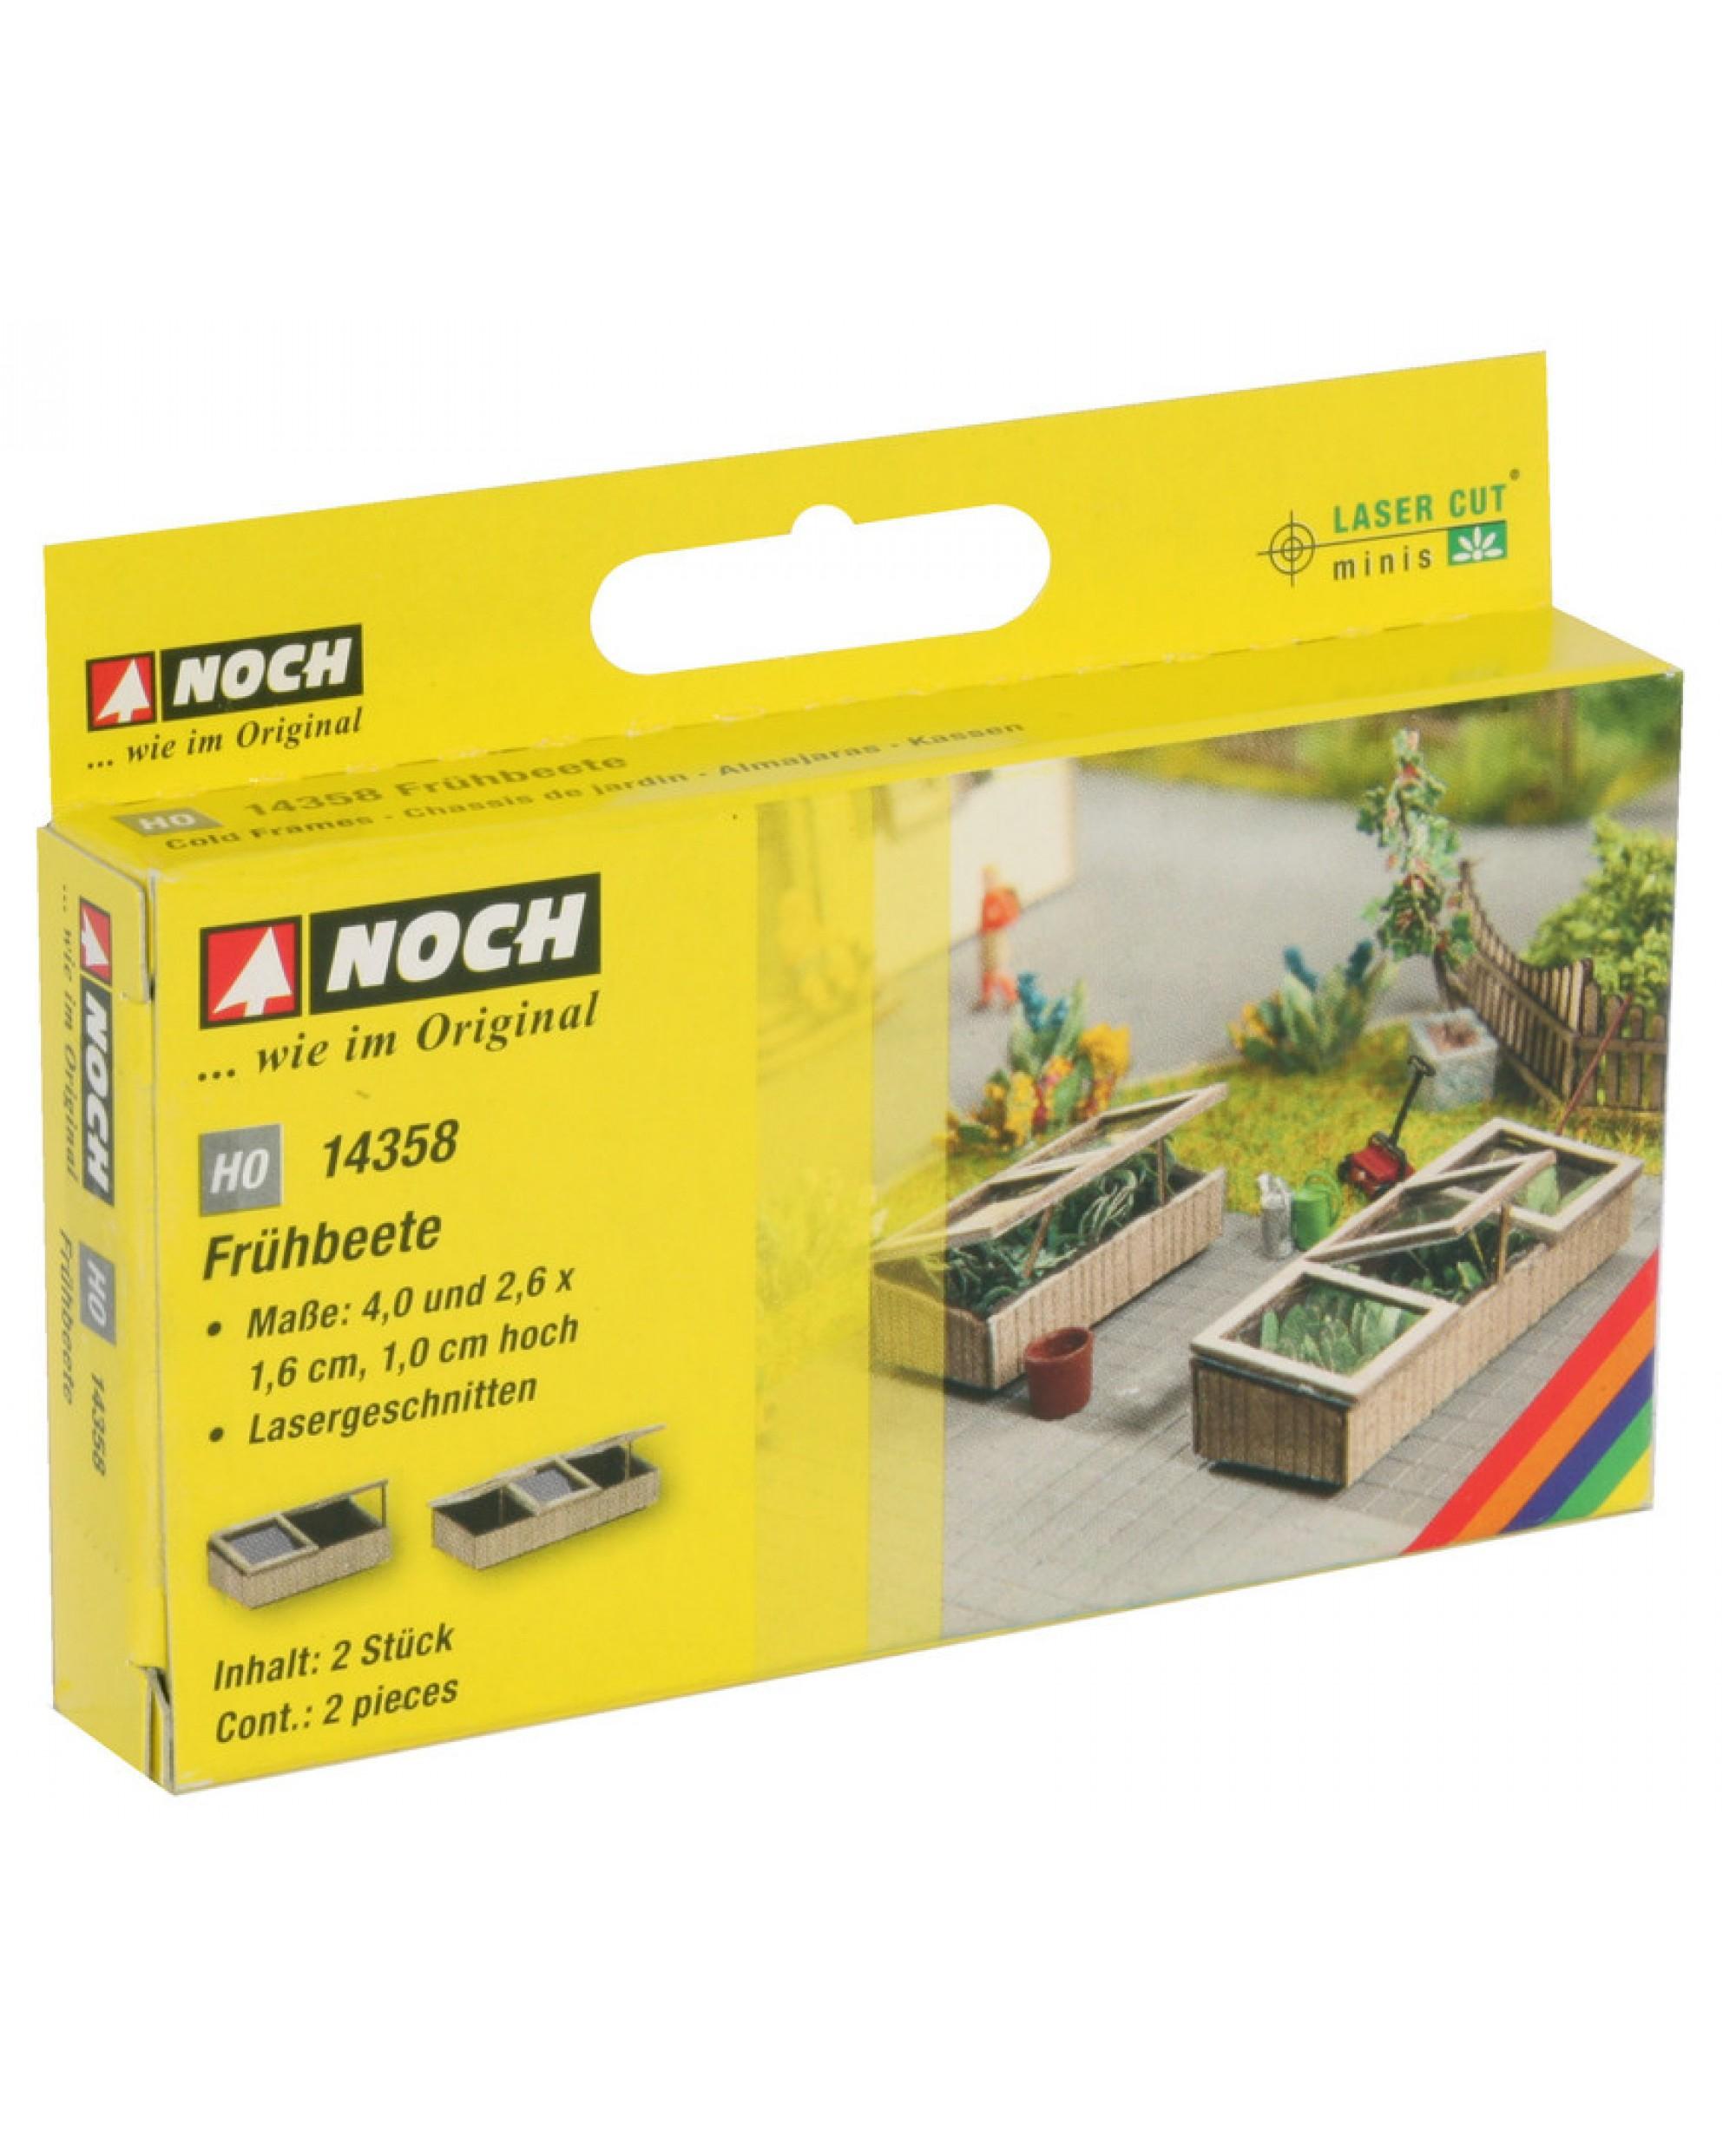 2 Petits Chassis De Jardin En Kit À Monter De Dimensions 2,6X1,6X1 Cm tout Chassis Jardin